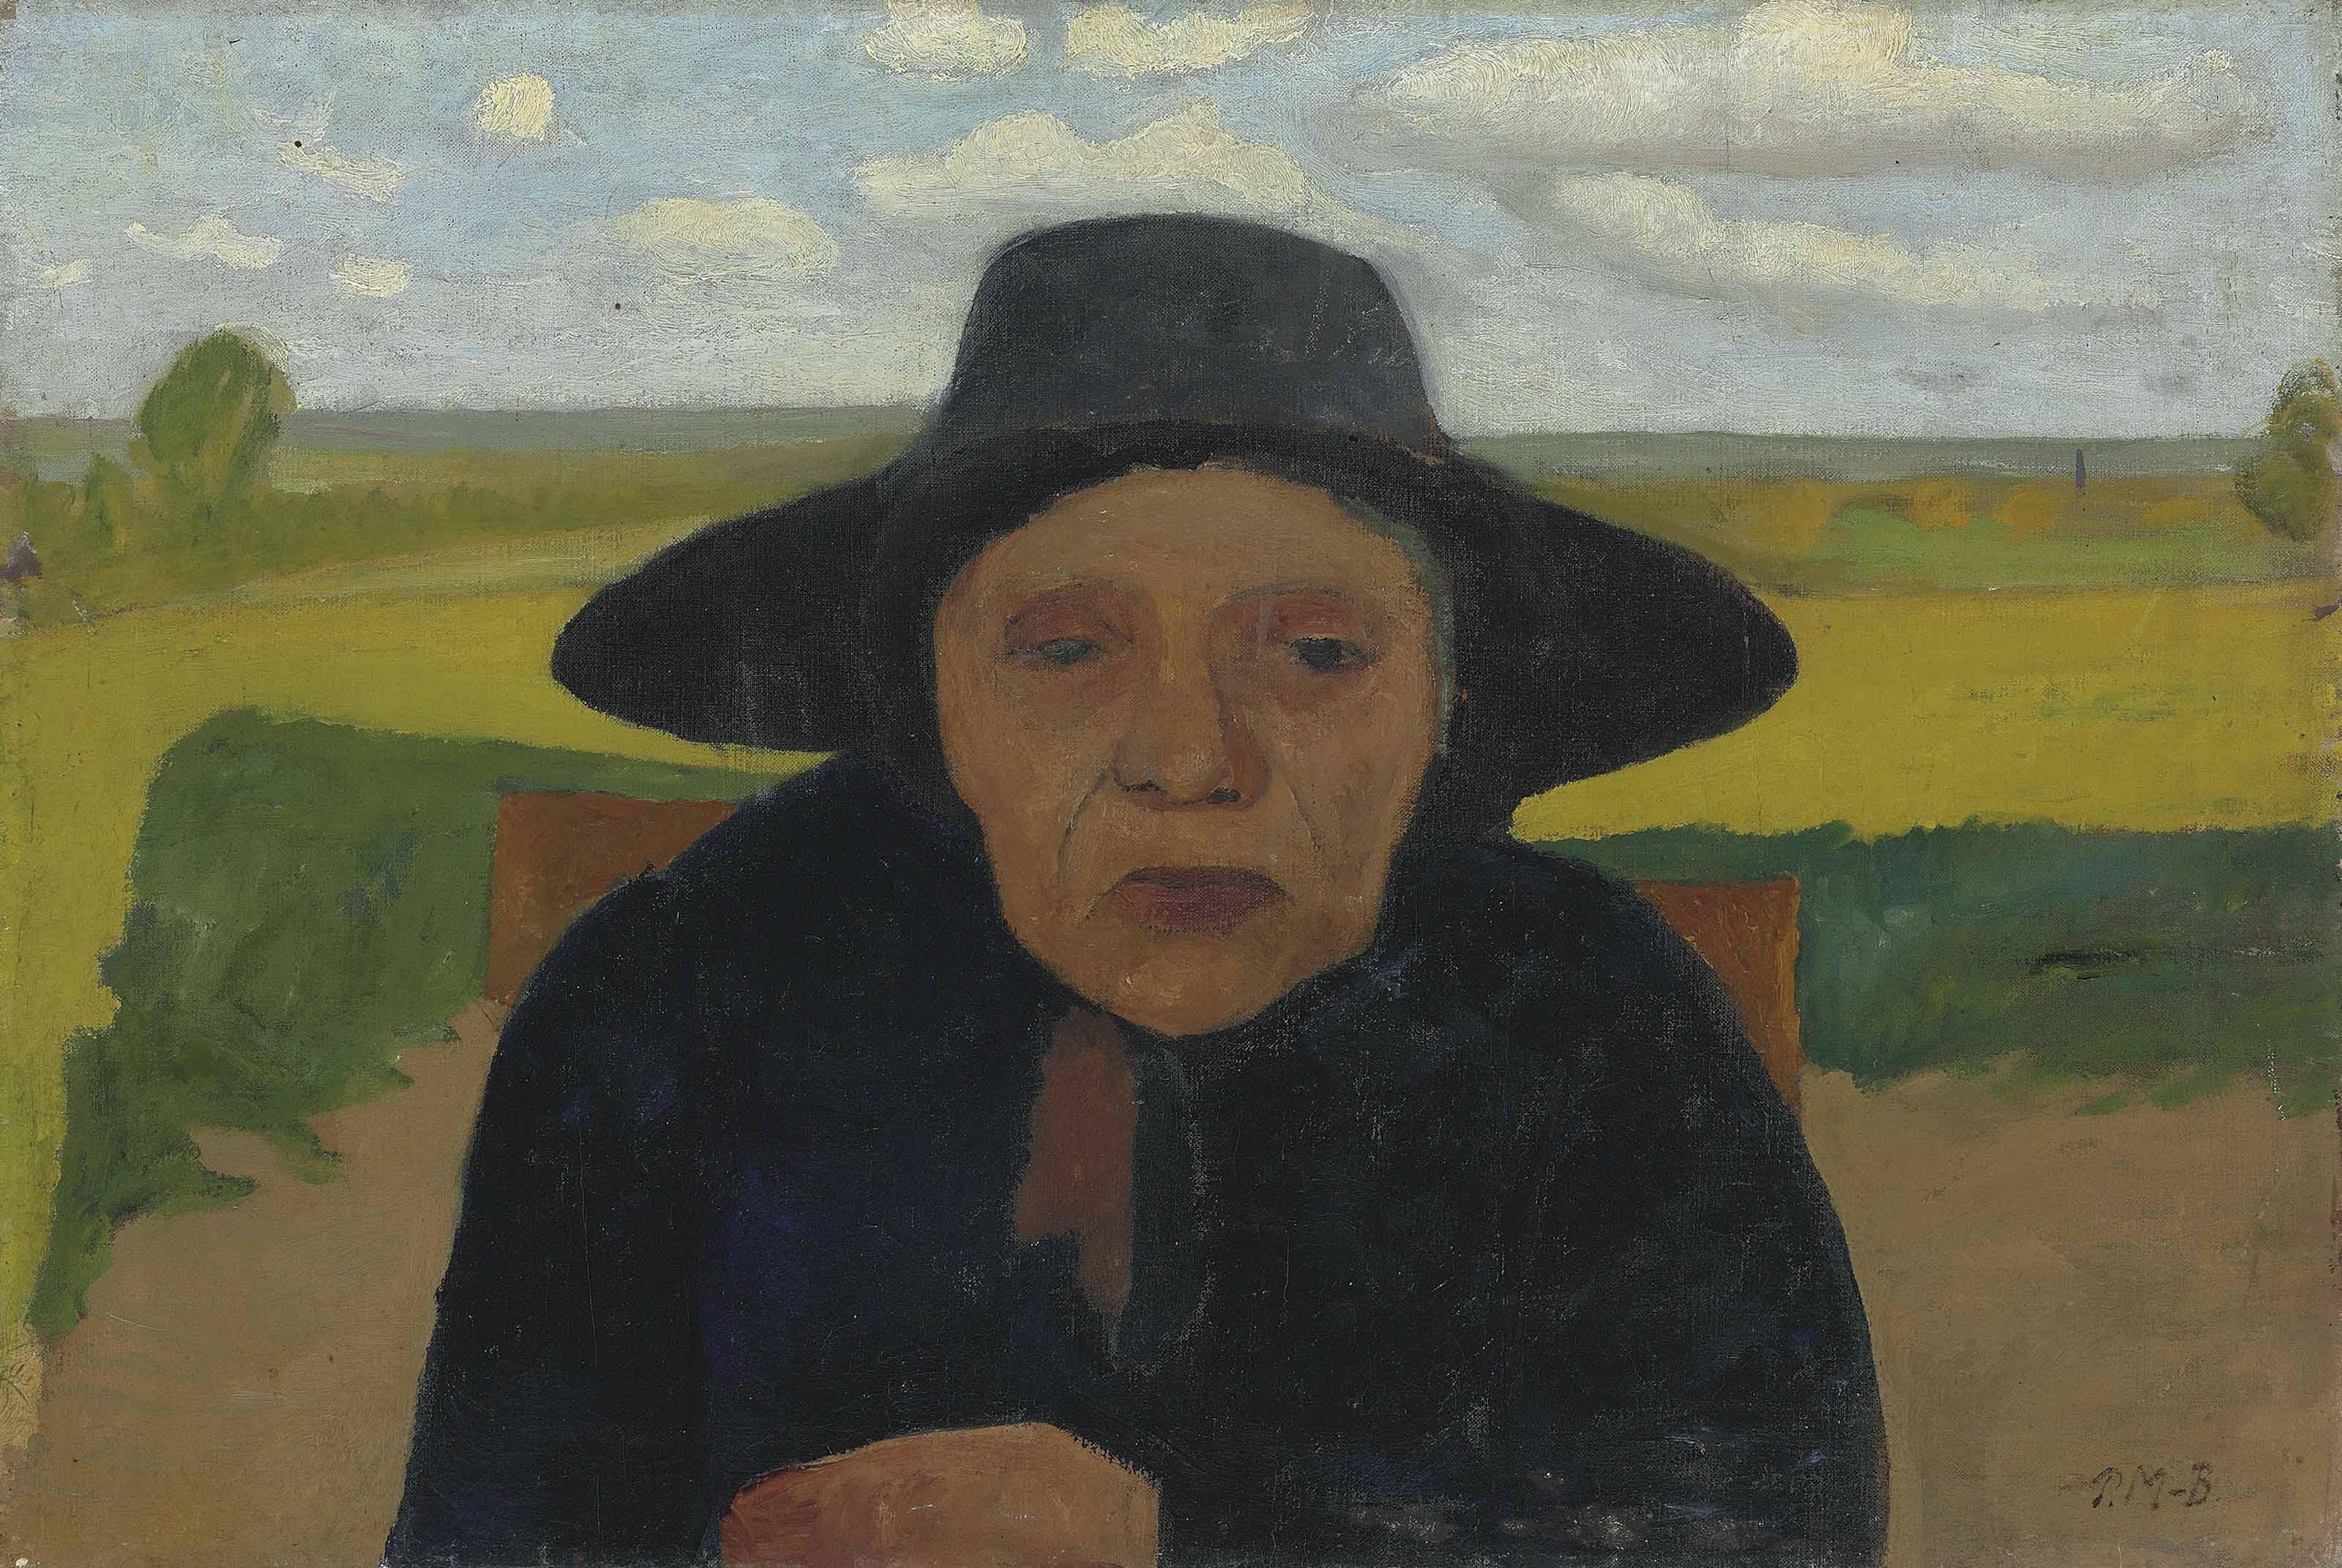 Brustbild einer alten Bäuerin mit Hut vor Landschaft